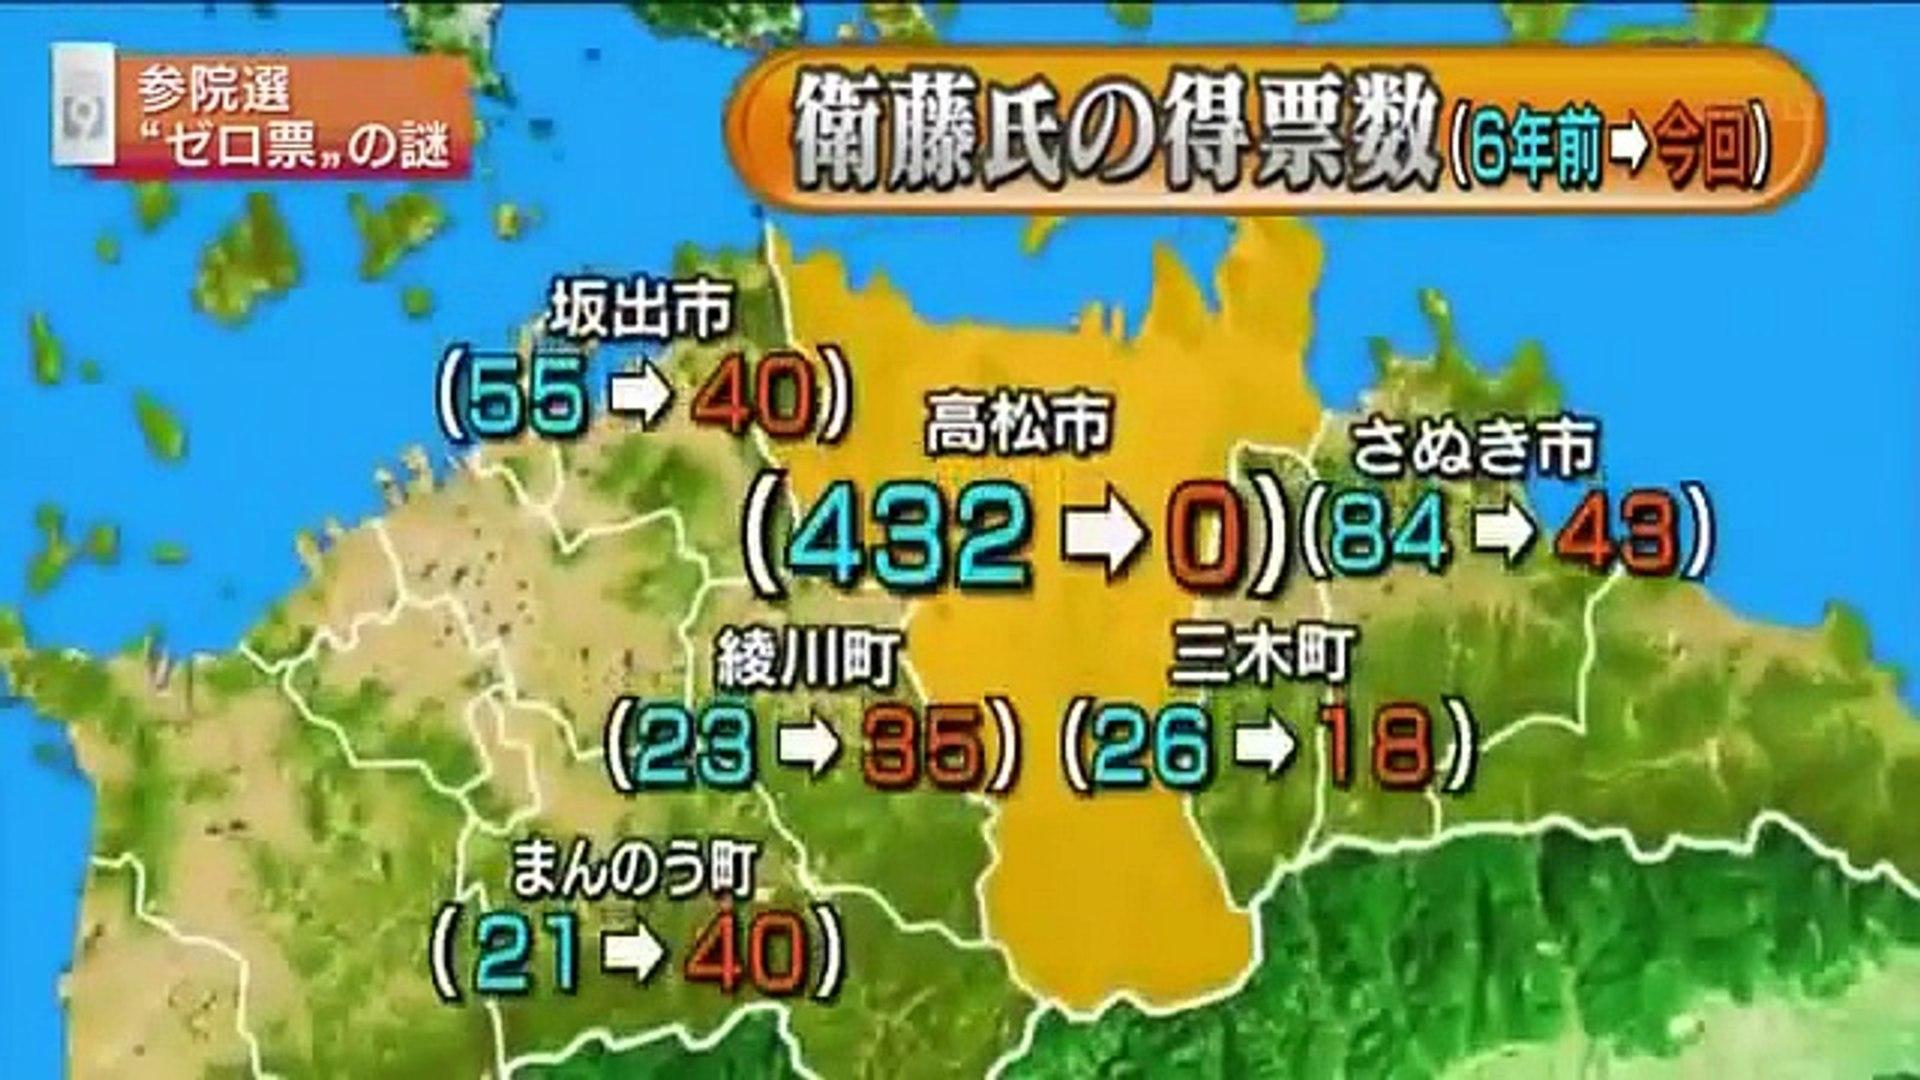 Qー世界救済計画(日本語吹き替え版)とQ Army Japanの動画!死んだと思われたJFKジュニアが制作した動画(日本語字幕つき)?#QAnon 情報_e0069900_08301103.jpg